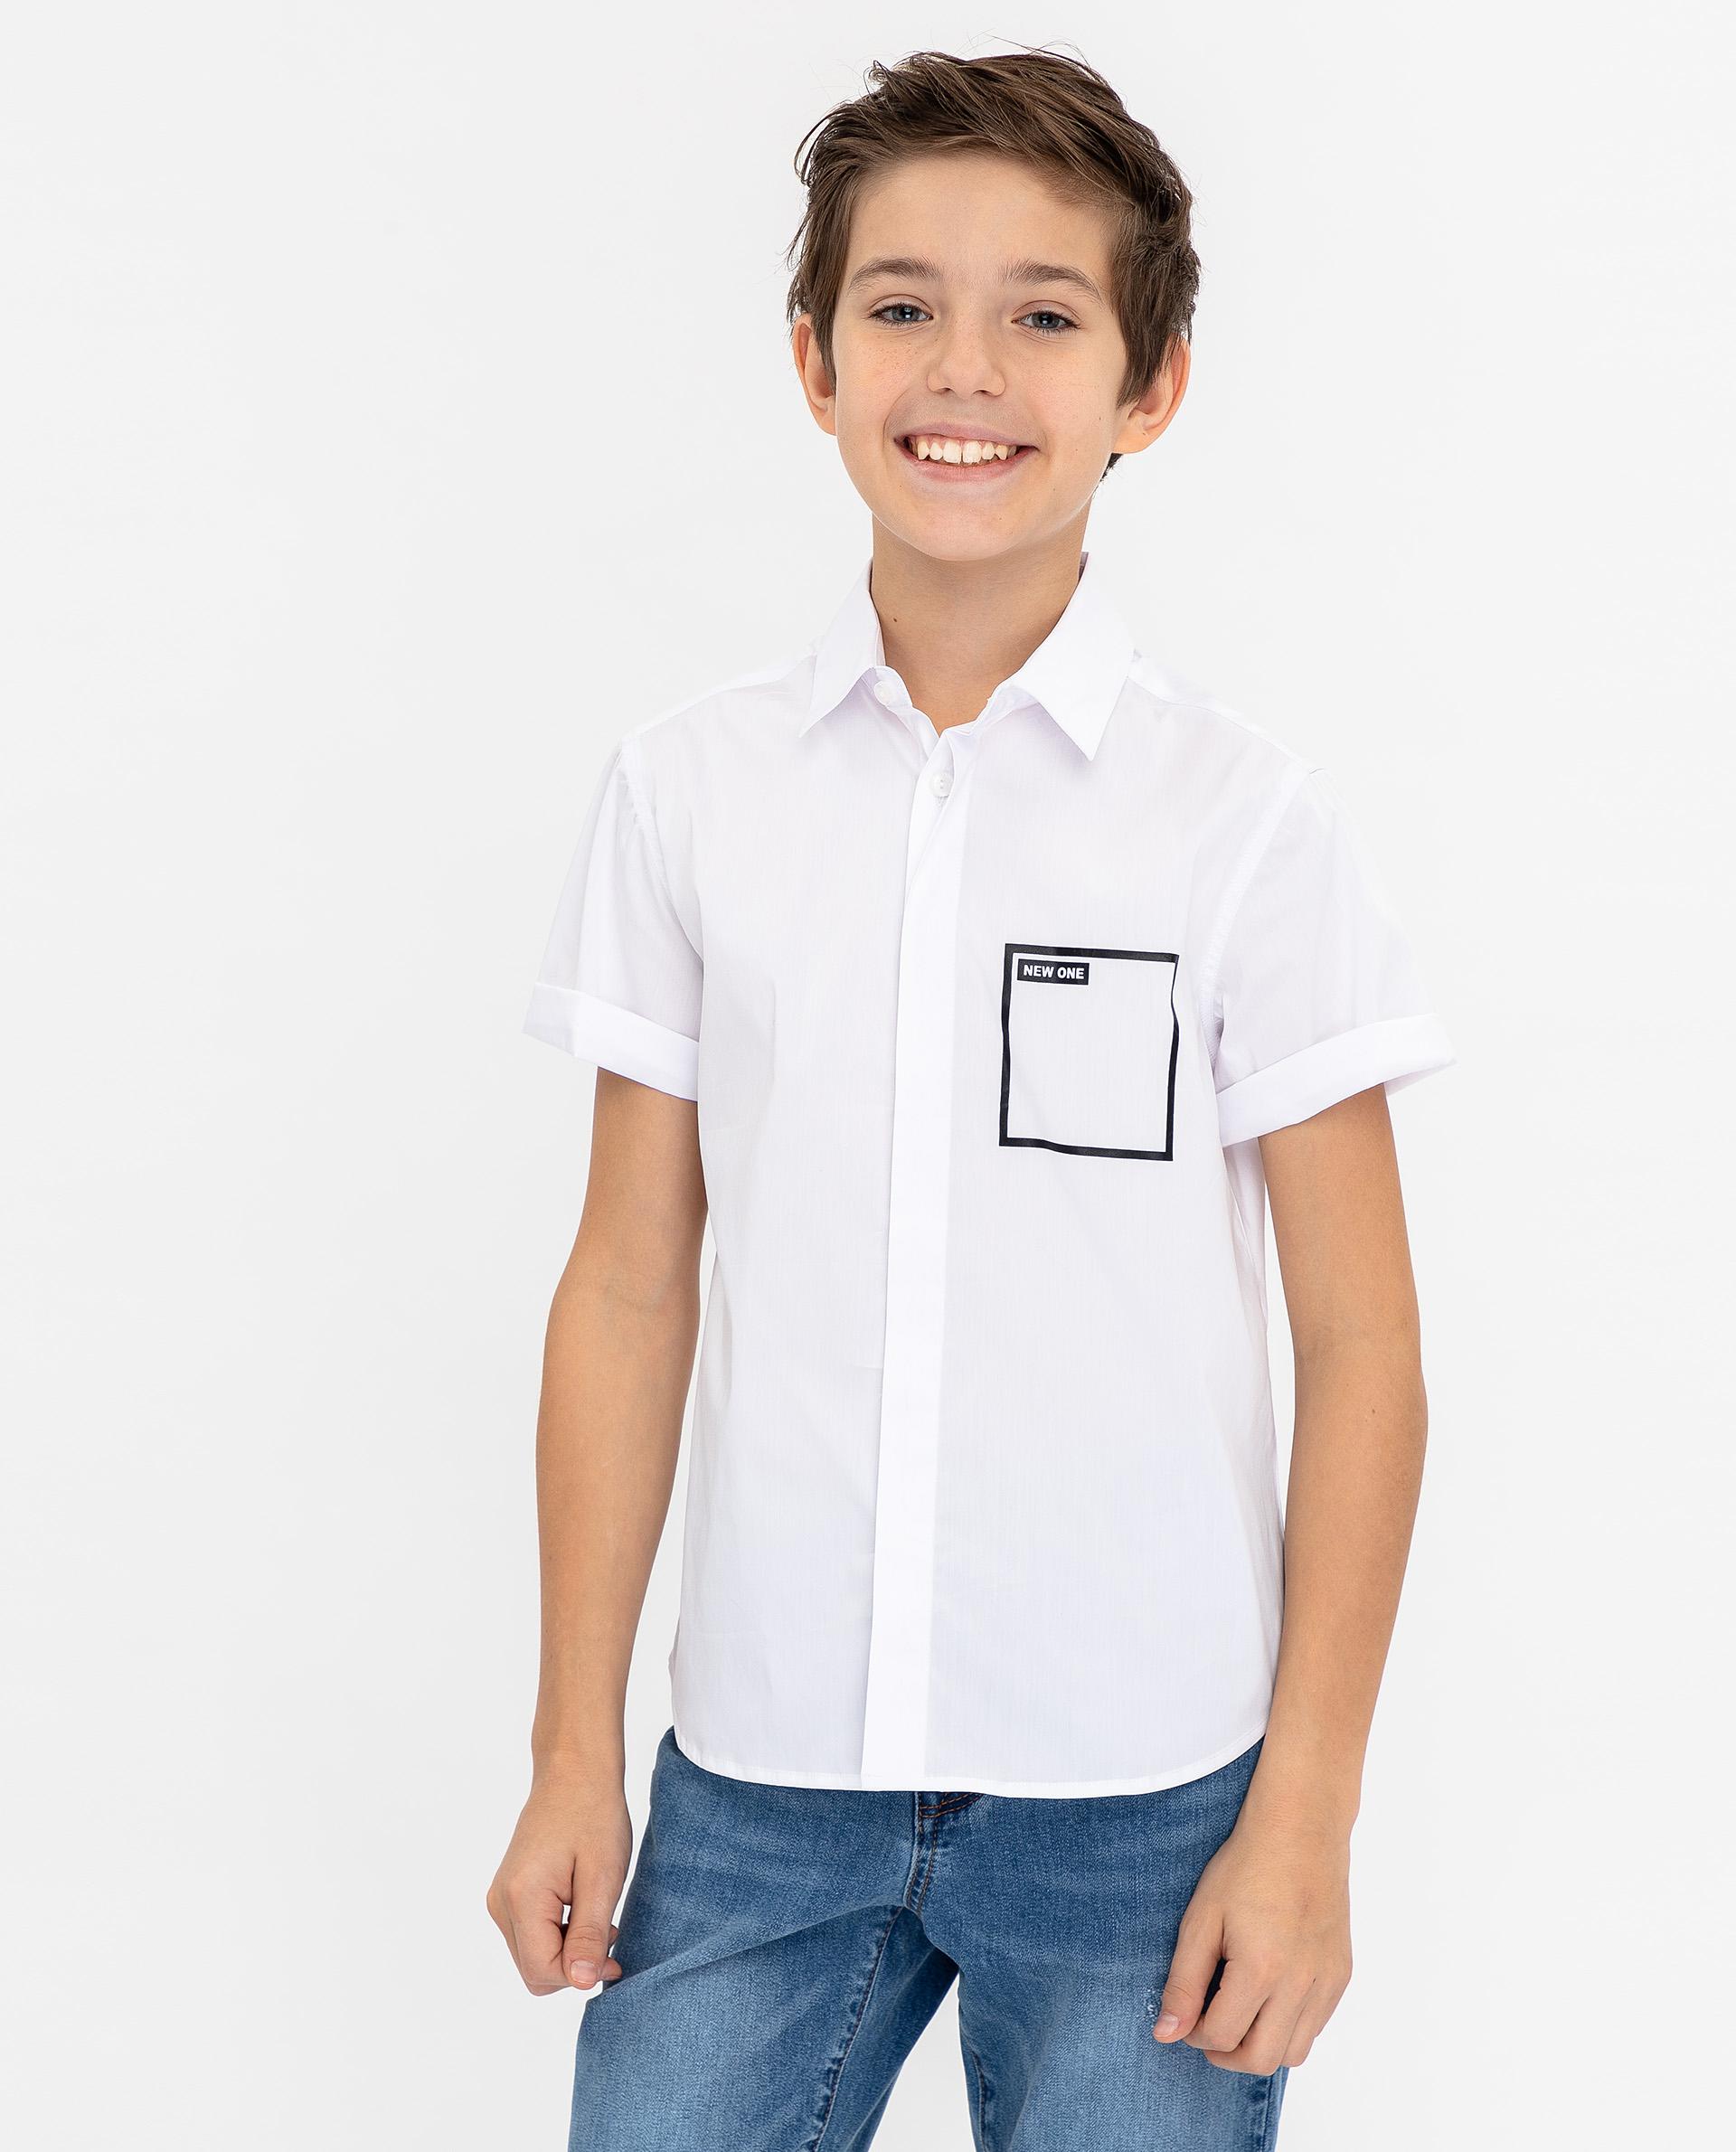 Купить 12011BJC2304, Белая рубашка с коротким рукавом Gulliver, белый, 170, Мужской, ВЕСНА/ЛЕТО 2020 (shop: GulliverMarket Gulliver Market)